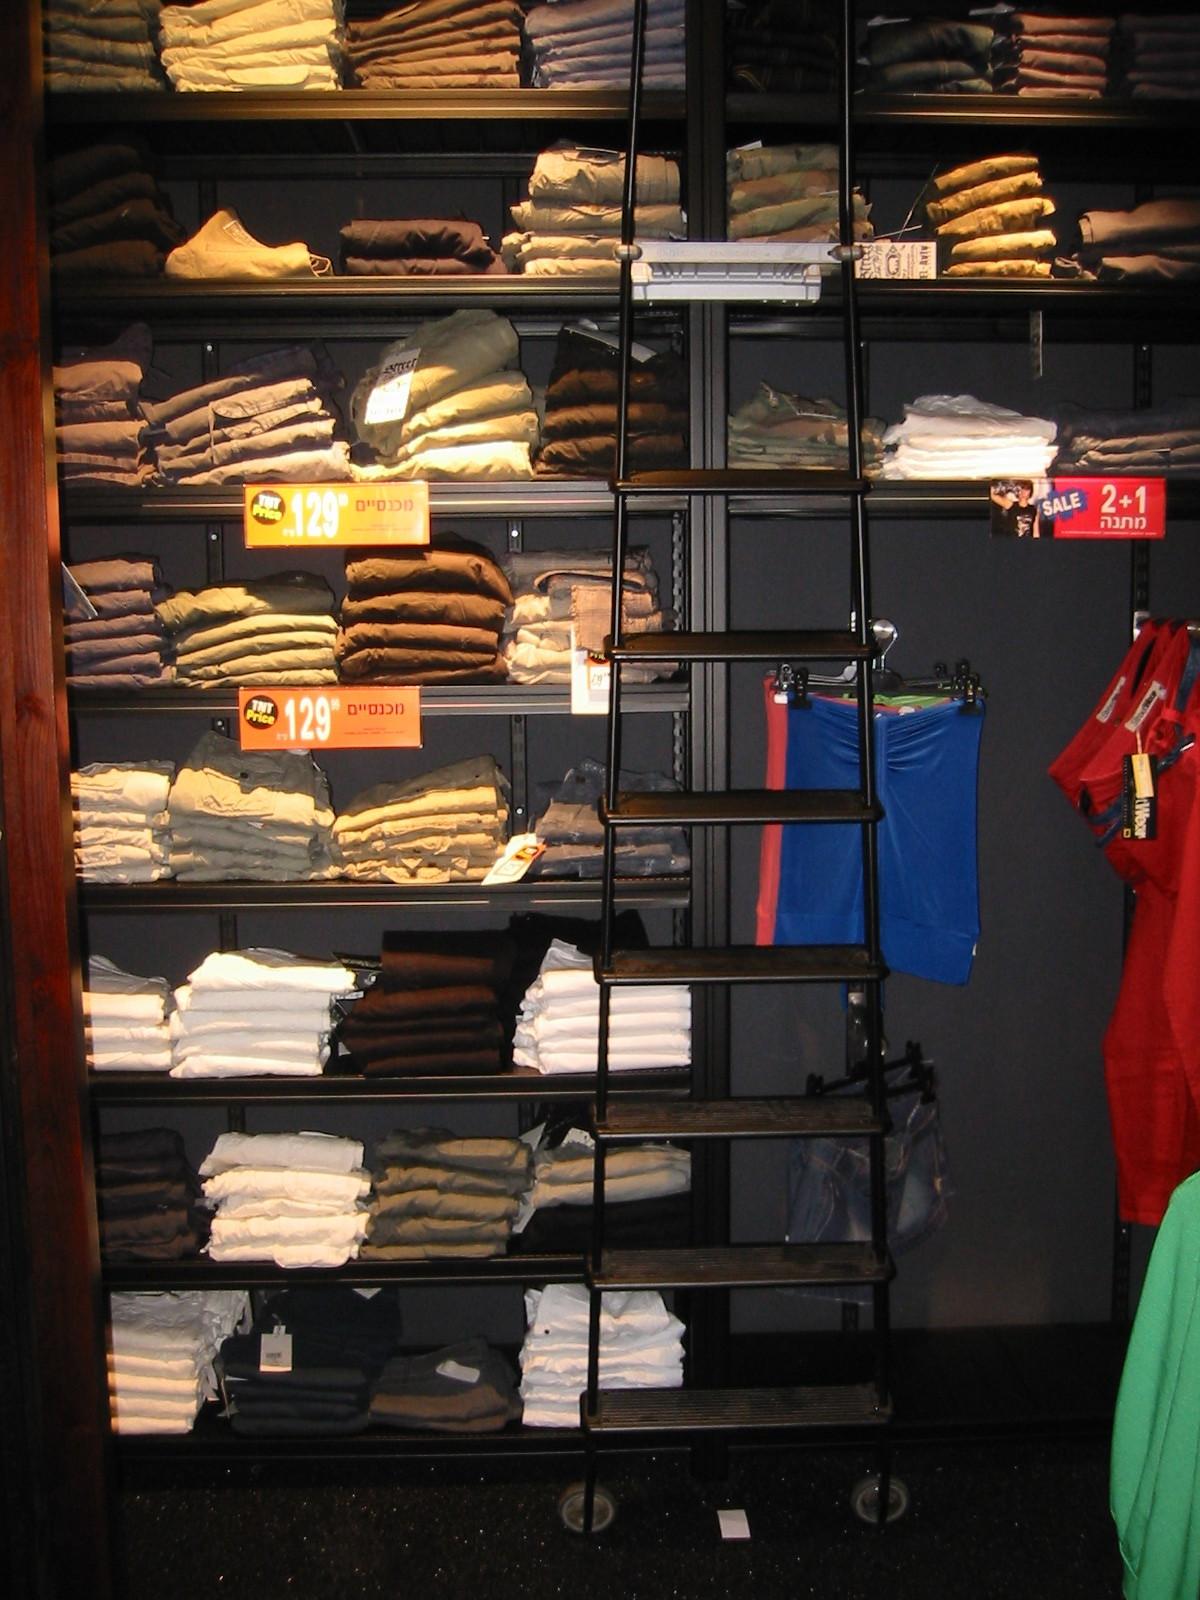 מדפי העליה -12- מדפים לחנויות נעליים